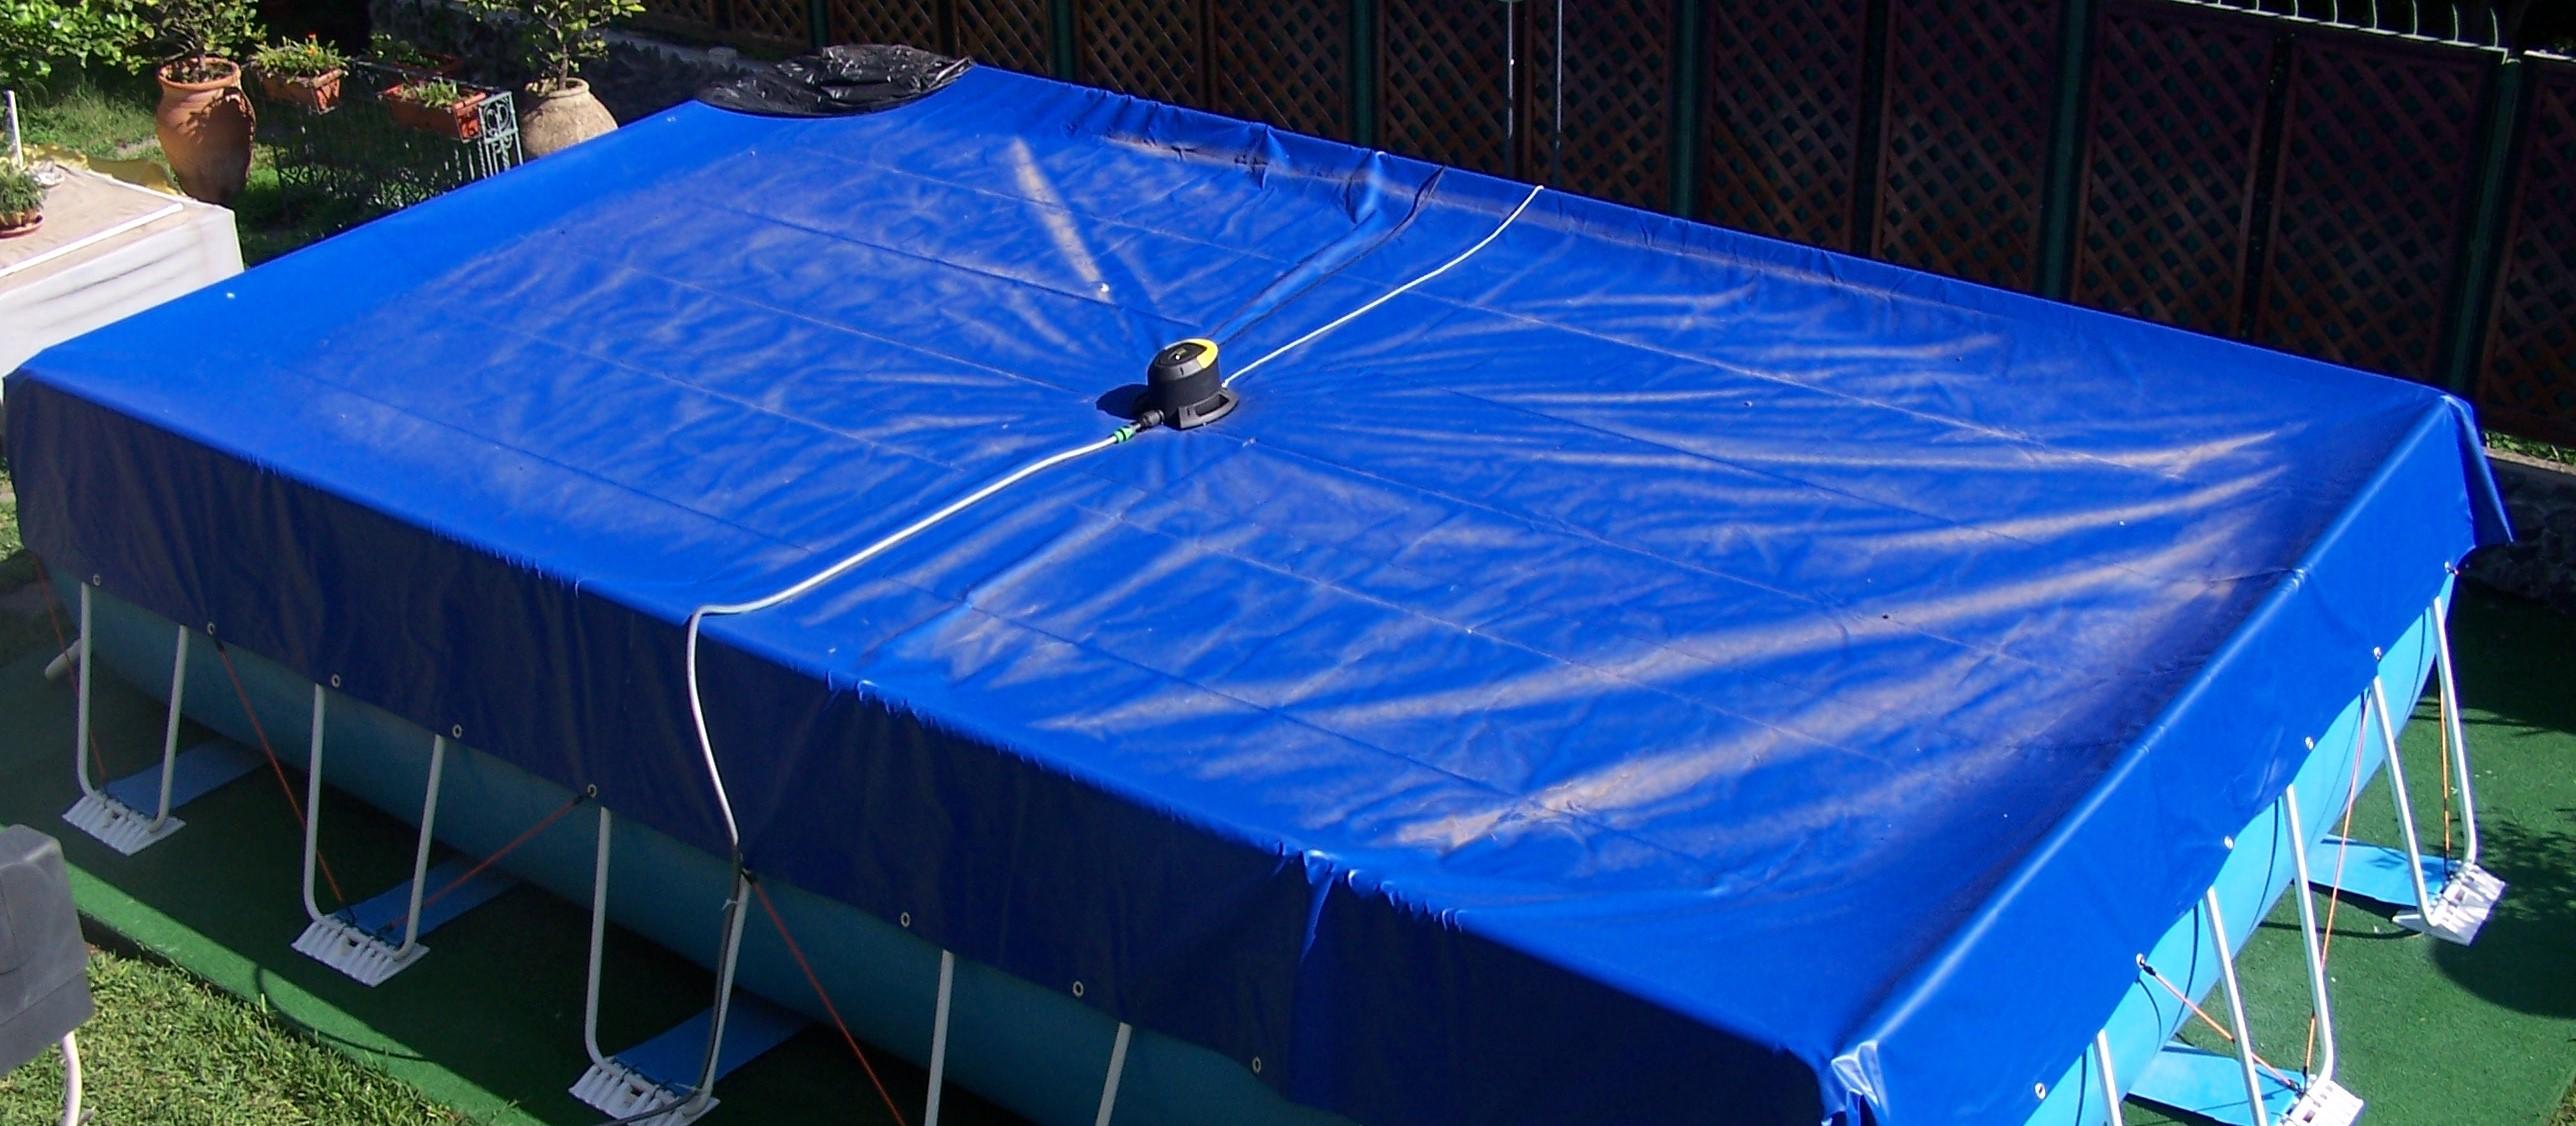 Coperture invernali su misura per piscine fuori terra